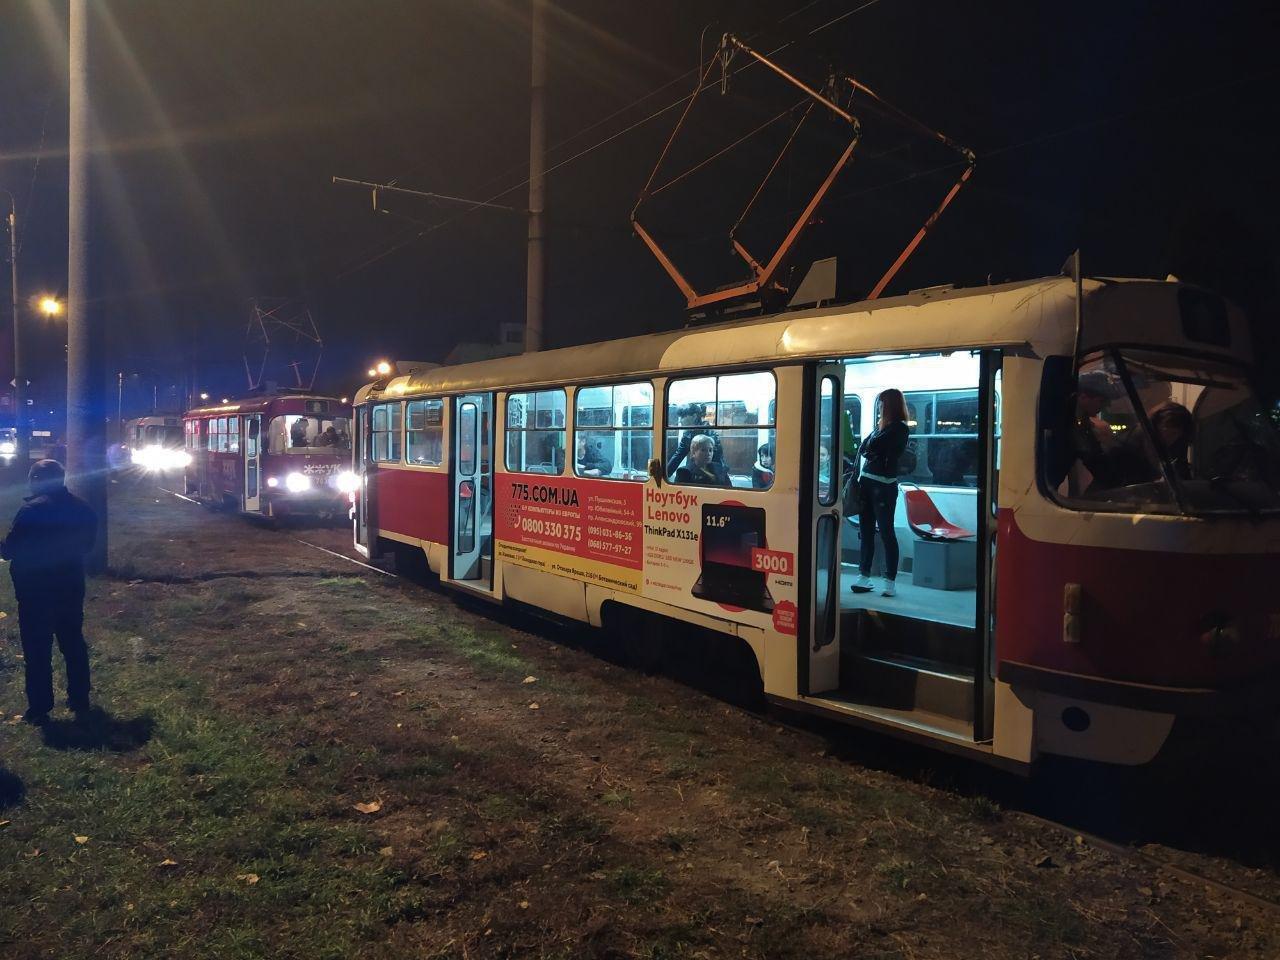 В Харькове неизвестный бросил камень в движущийся трамвай. Пострадала девушка, - ФОТО, фото-3